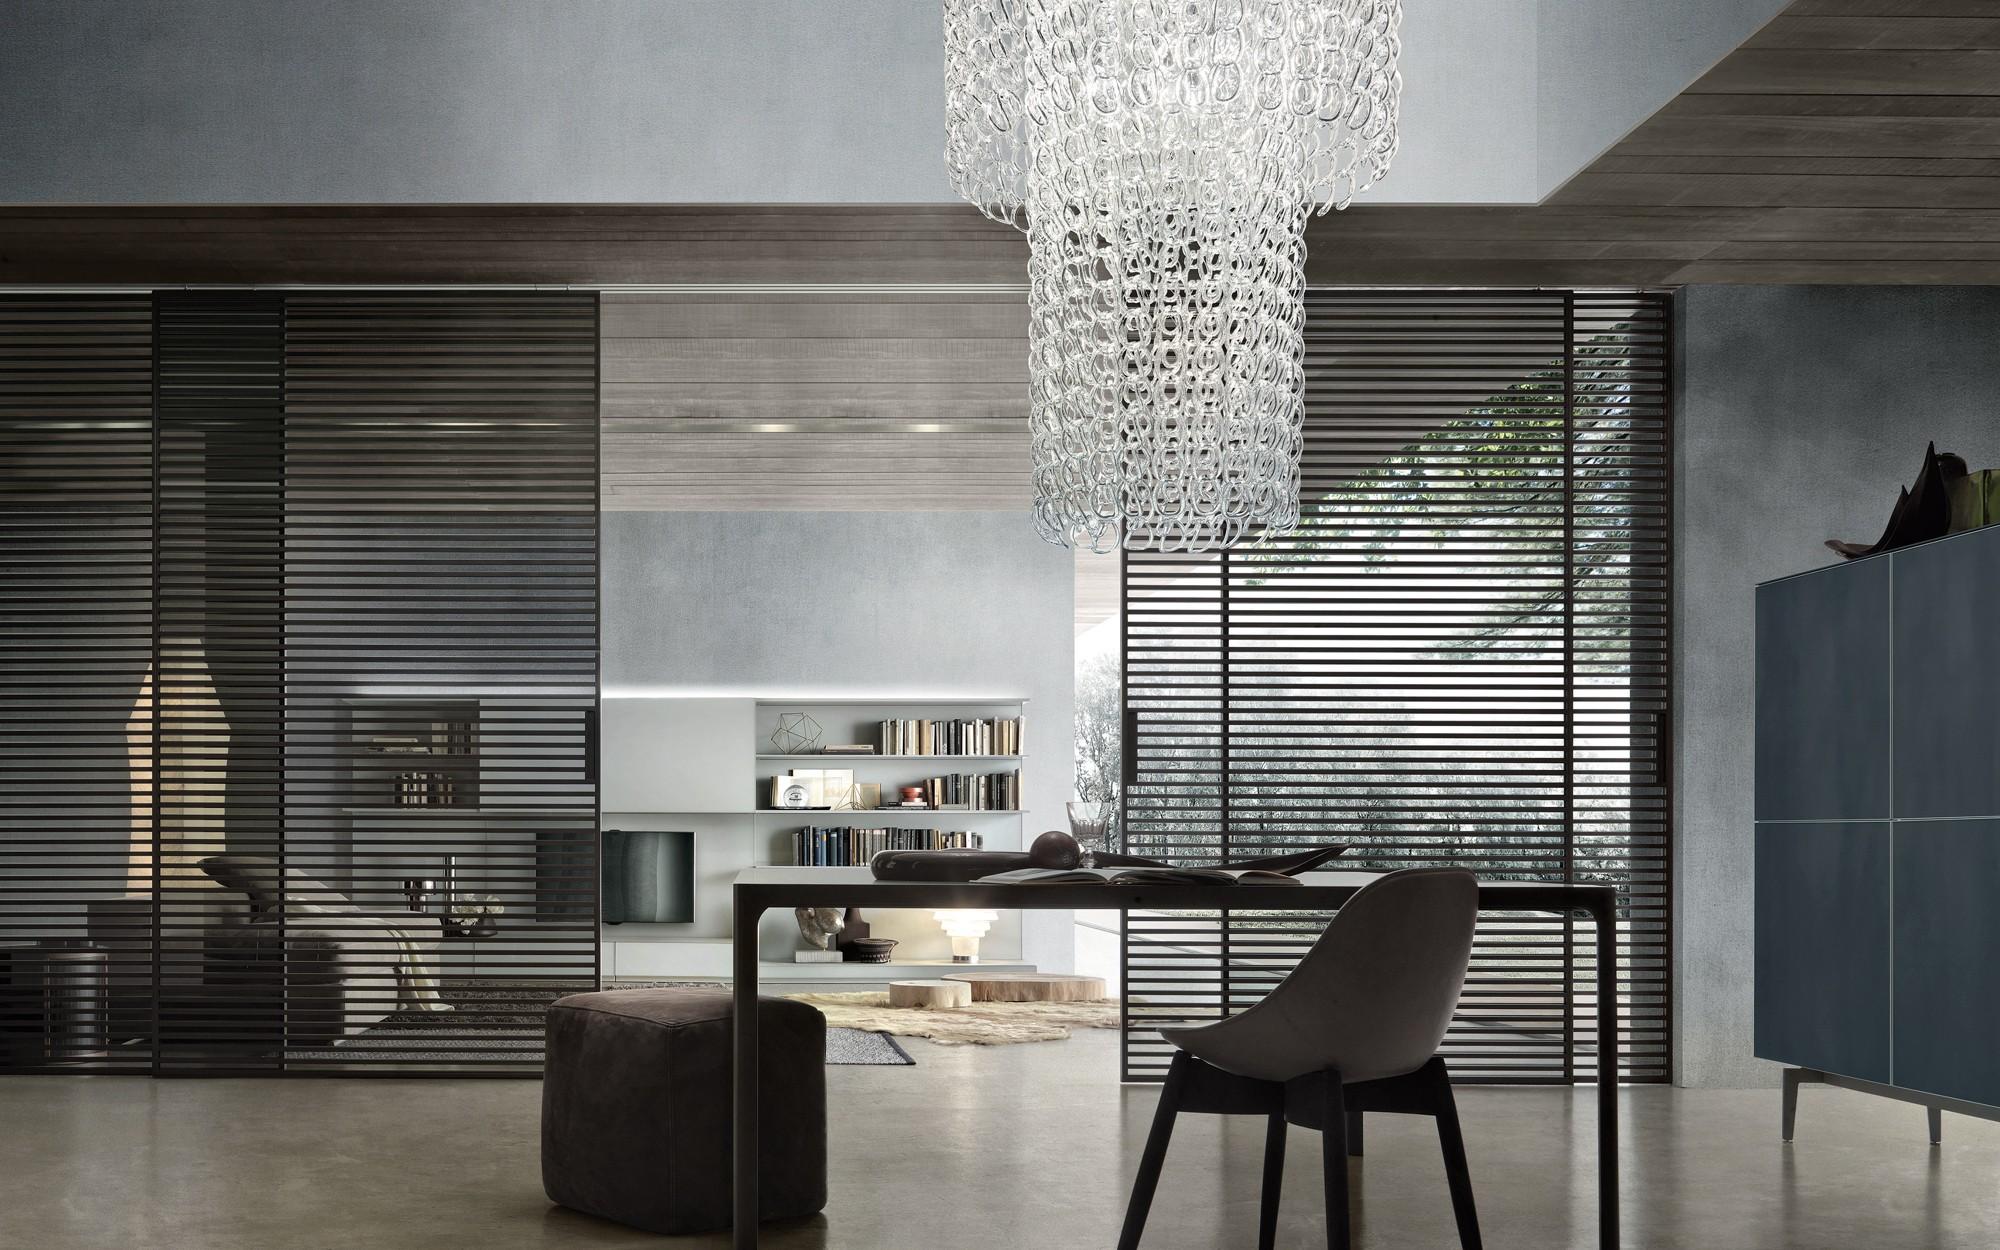 panneaux coulissants rimadesio stripe contemporain Intérieur-Littoz annecy